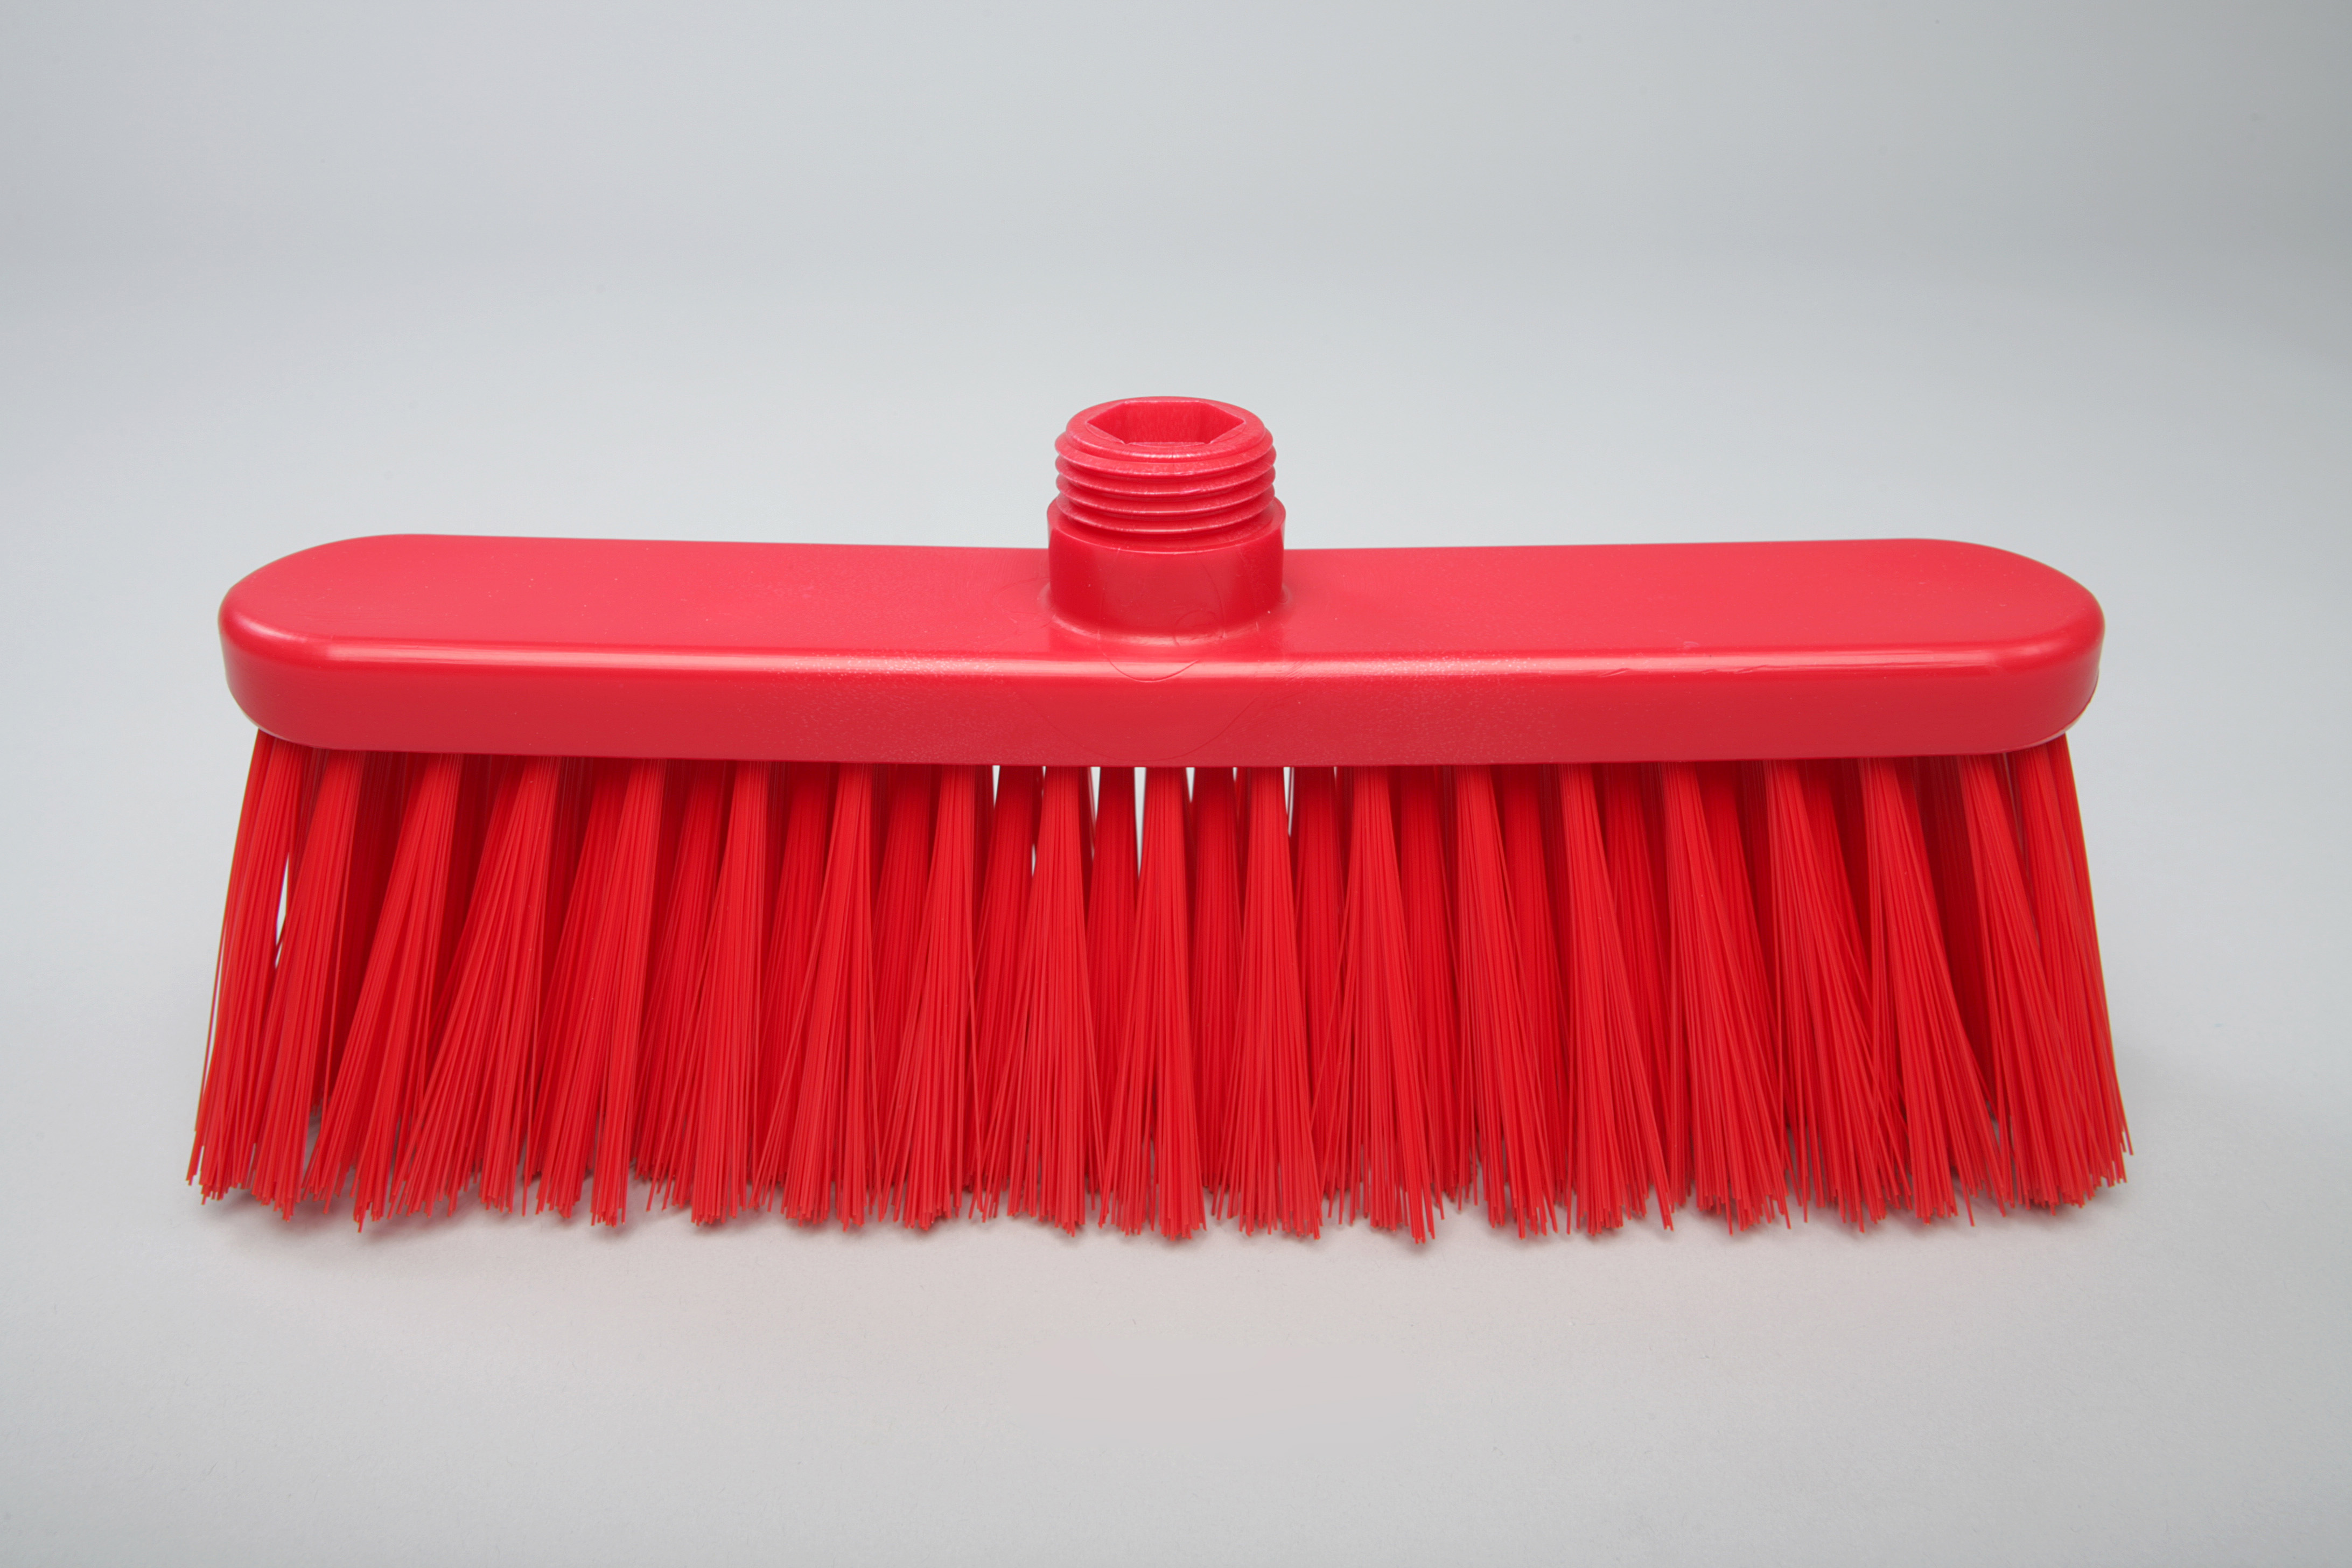 Unimop pühkimishari 280 x 48 x 70 mm, keskmine, punane, kastis 6 tk